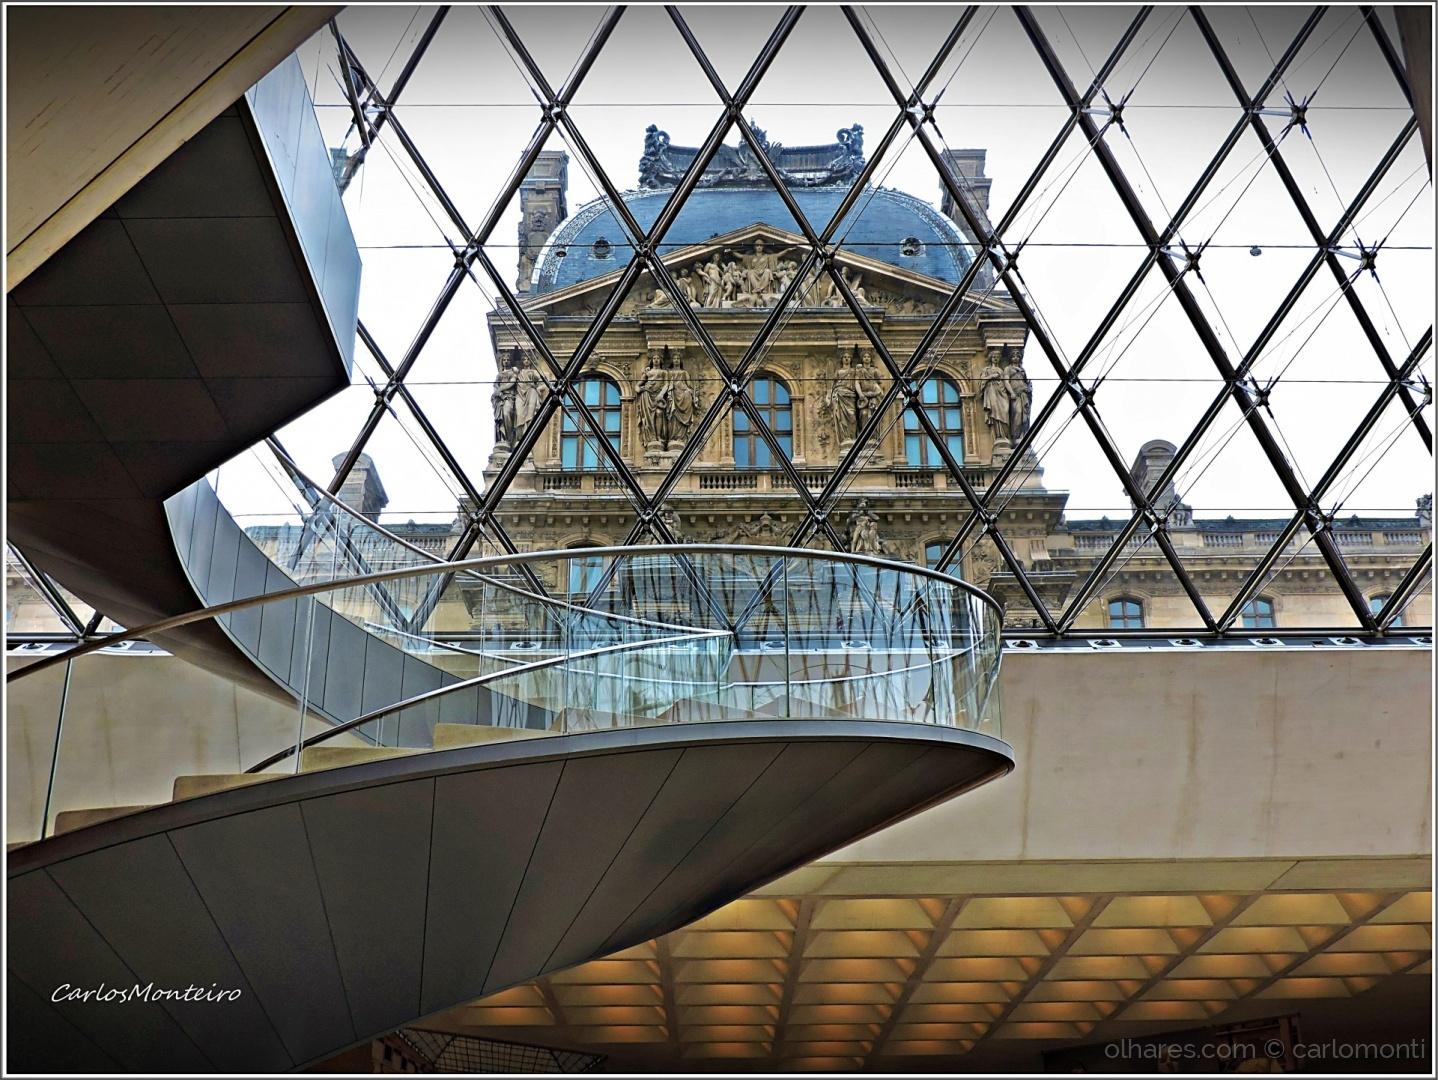 História/Museu do Louvre, Simbiose da Antiga e Nova Arquite